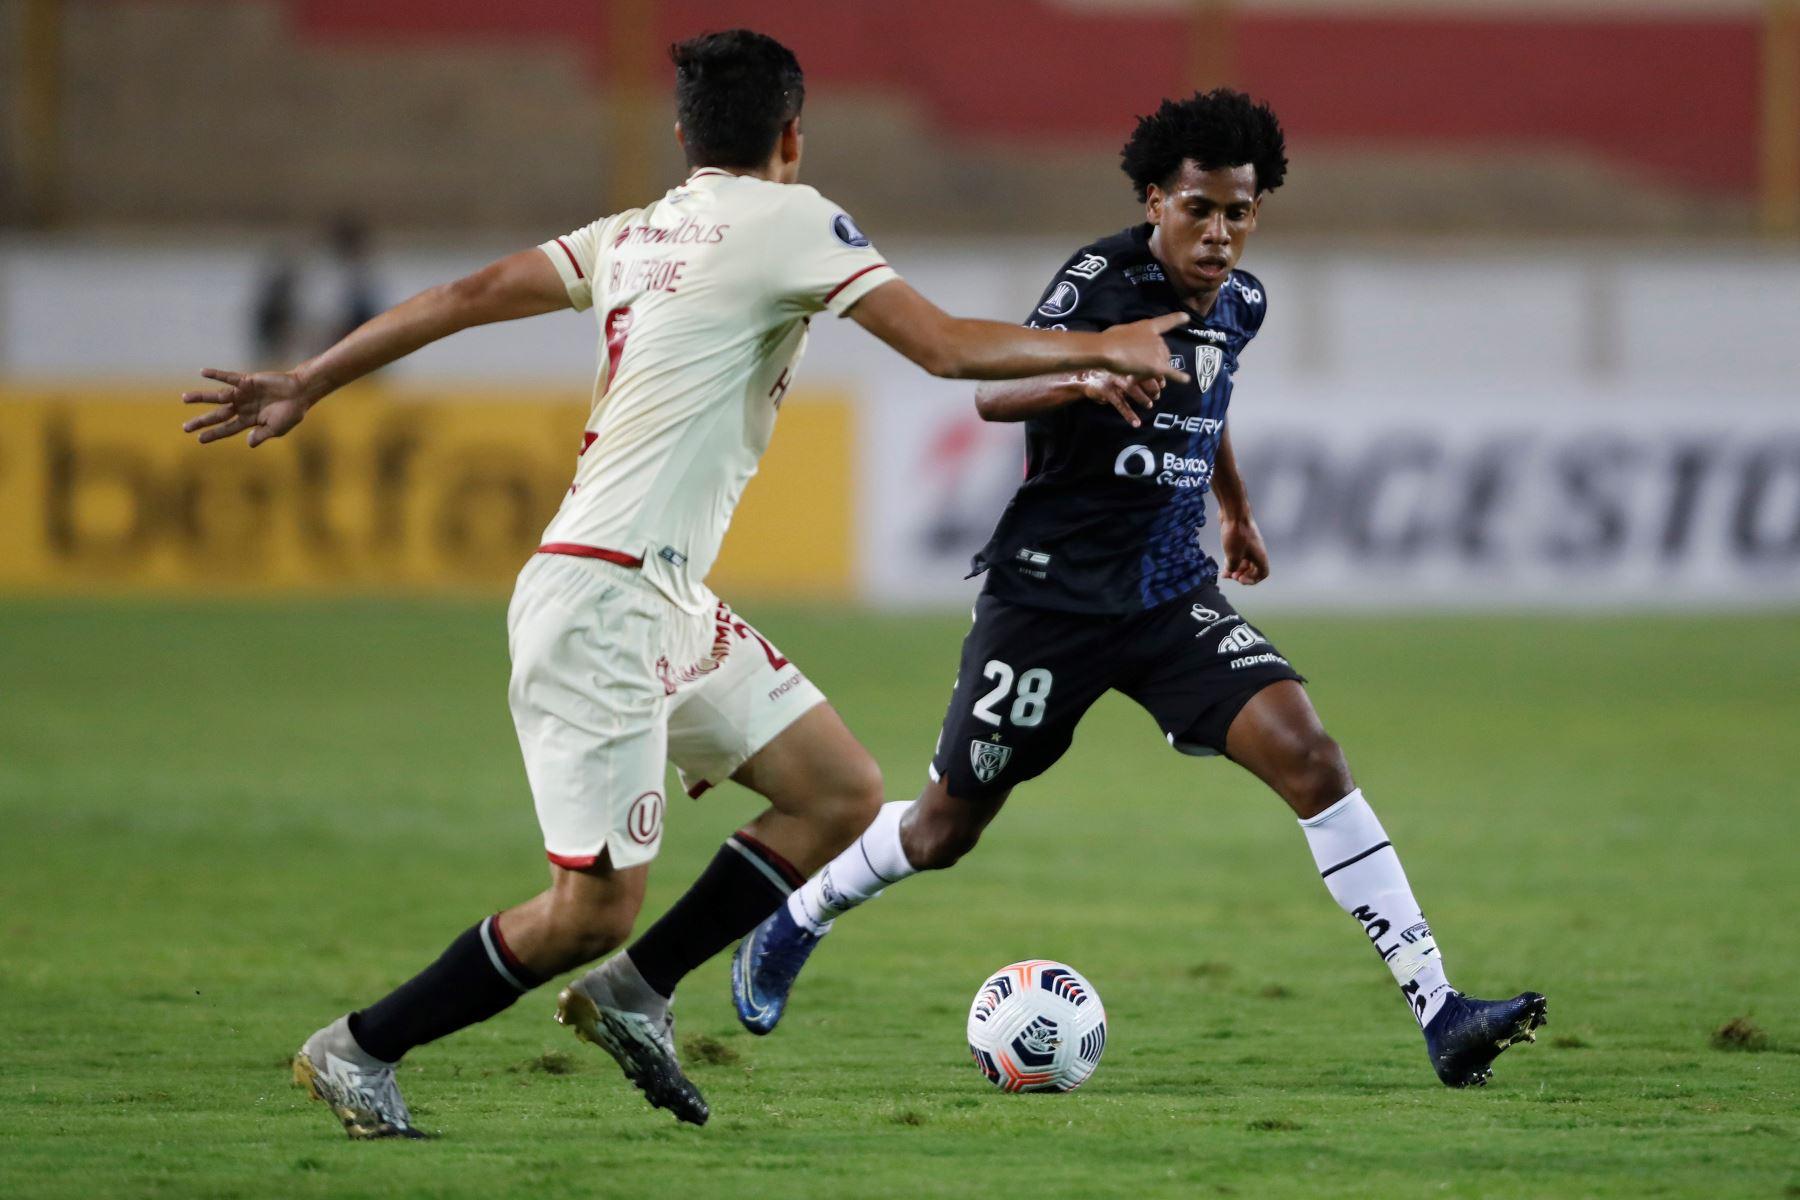 Alex Valera de Universitario disputa un balón con José Hurtado de Independiente del Valle durante partido por la Copa Libertadores, en el Estadio Monumental. Foto: EFE